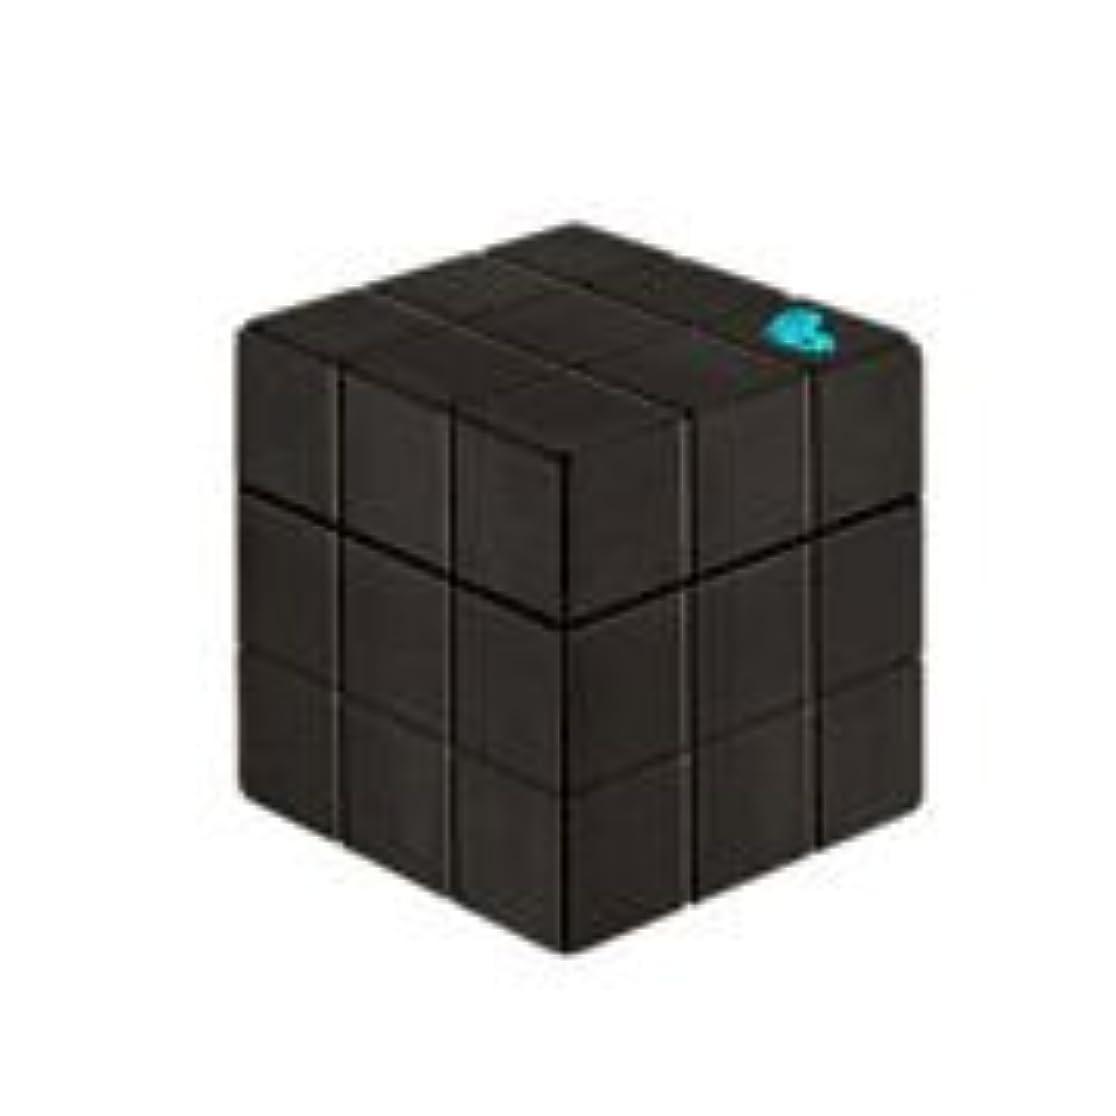 未来口誤解する【X3個セット】 アリミノ ピース プロデザインシリーズ フリーズキープワックス ブラック 80g